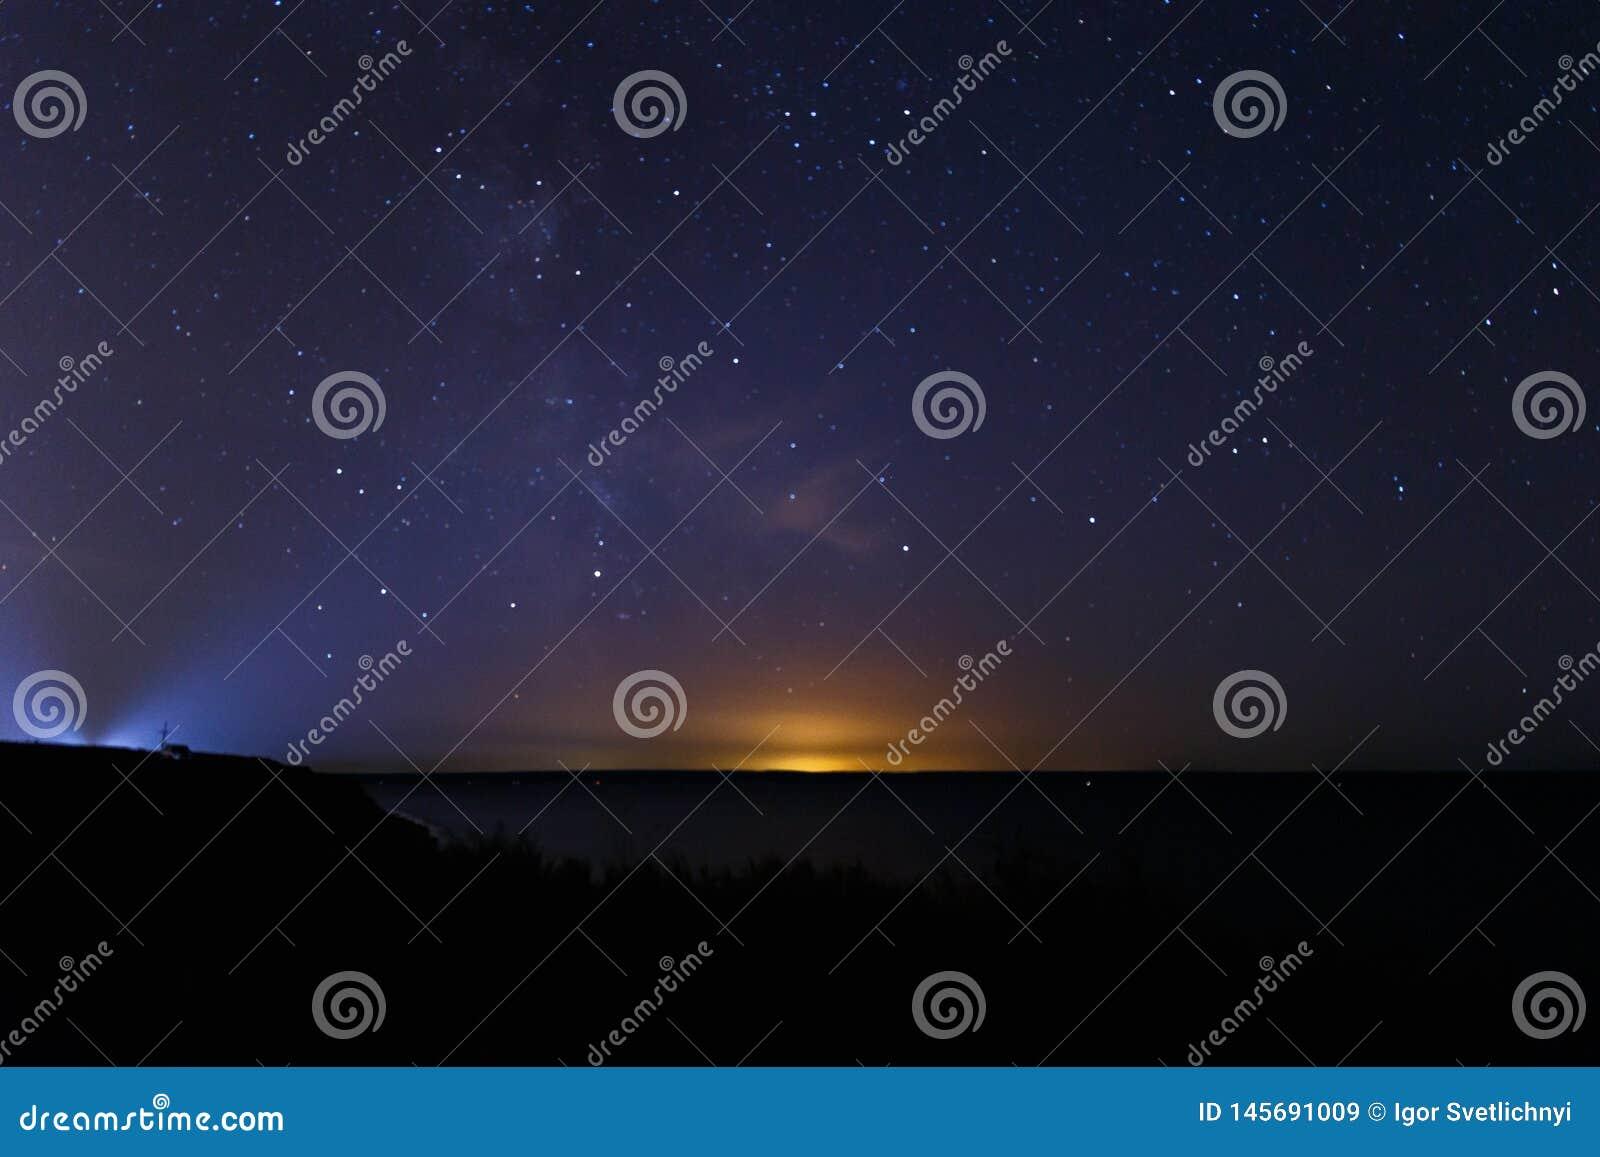 Blauwe donkere nachthemel met vele sterren